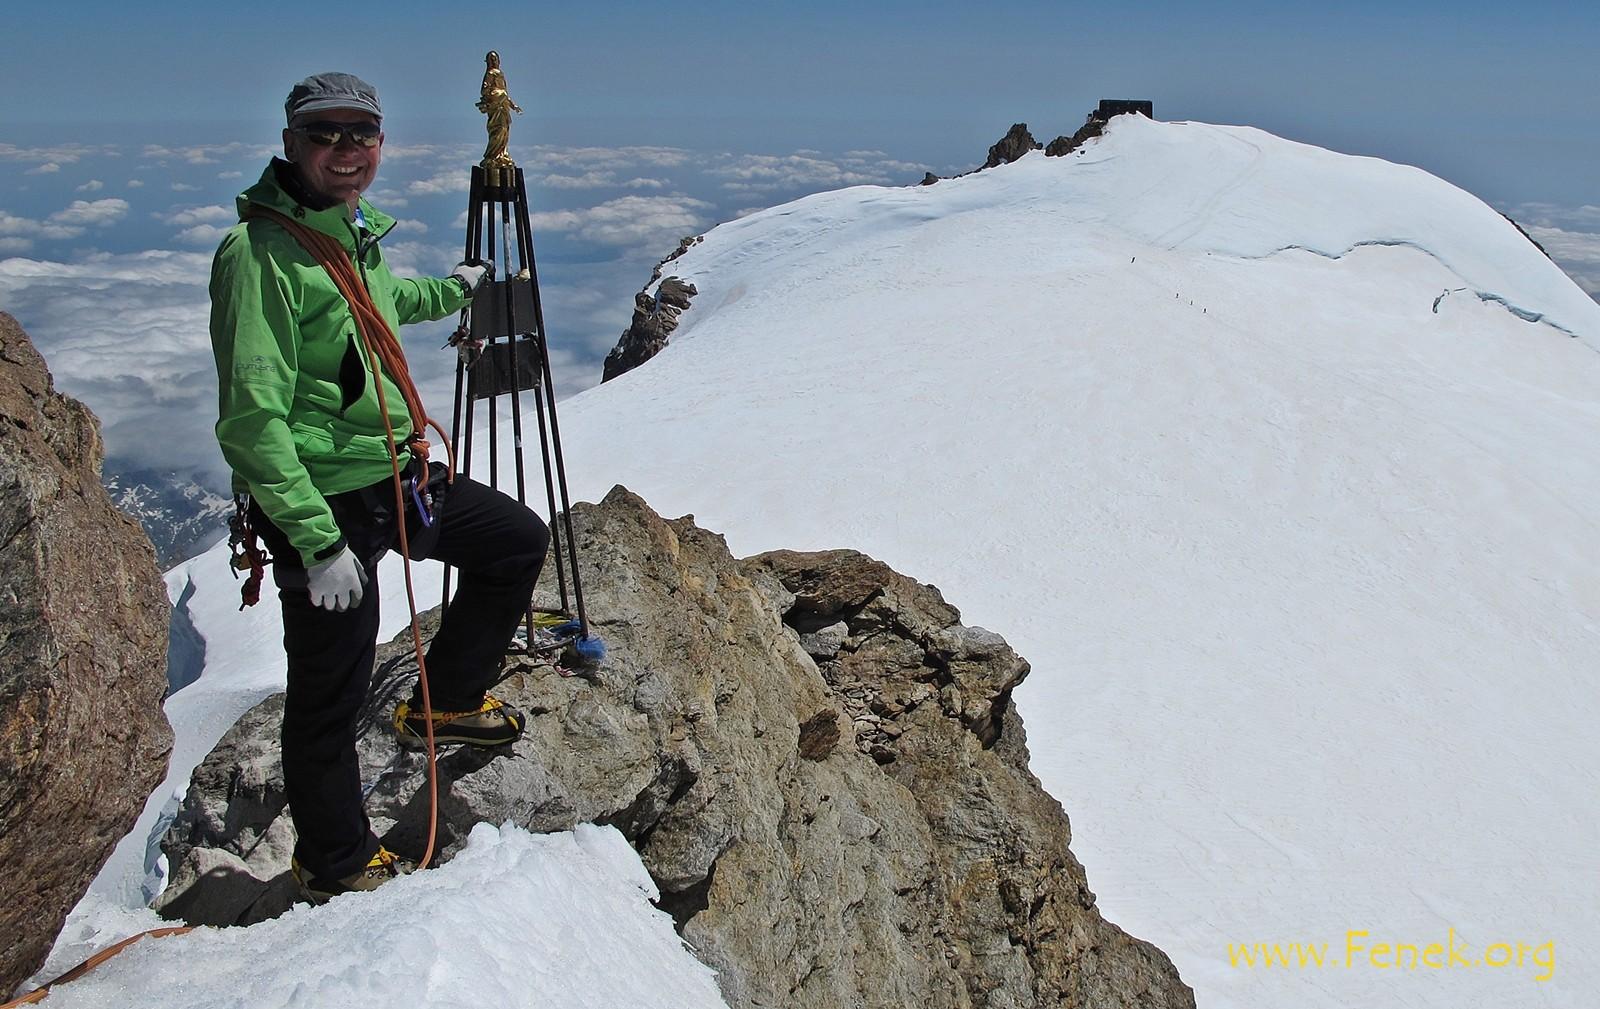 auf der Zumsteinspitze - hinten Signalkuppe mit Cap Margarita